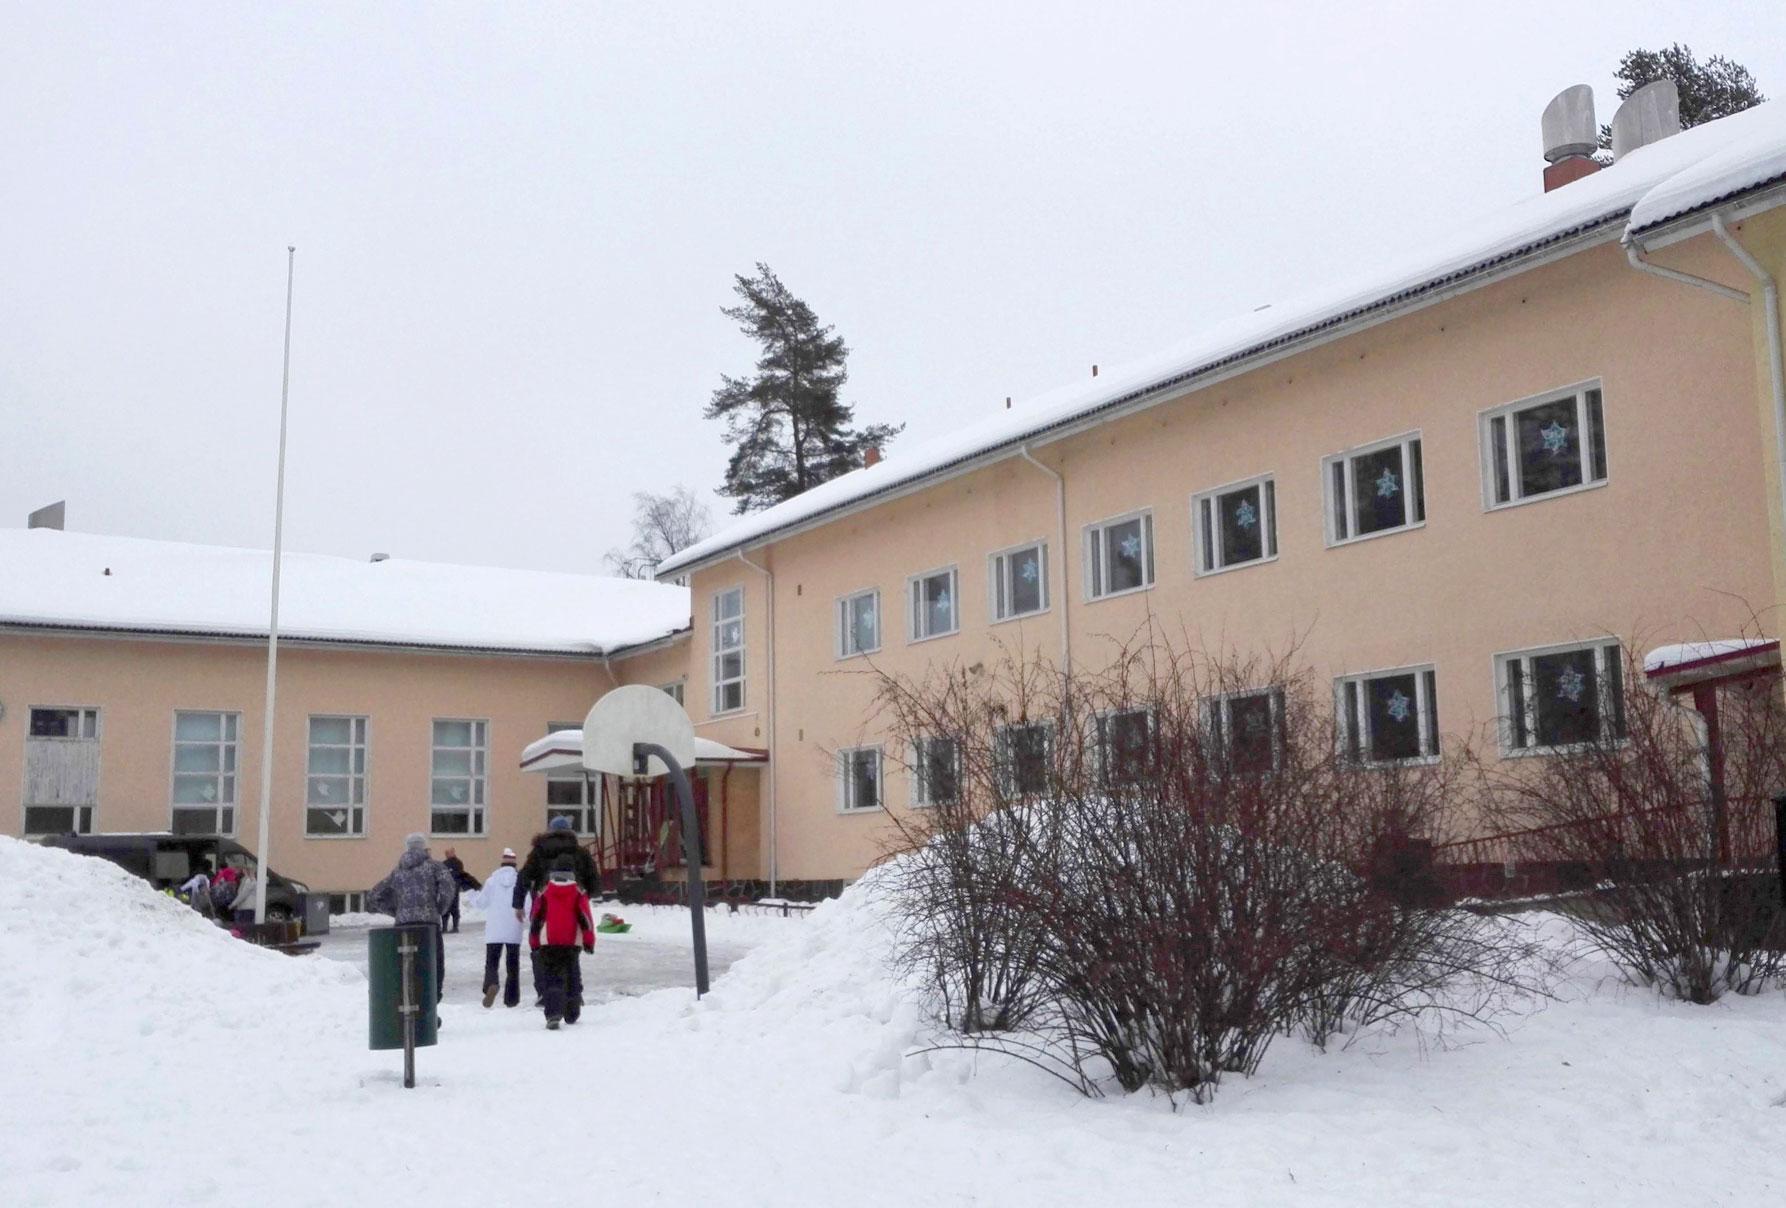 Toimenpide-esitys sisältää yhden yhteisen koulun rakentamisen Ruutanan–Havisevan-alueen lapsille. Uuden koulun valmistumisen jälkeen Havisevan koulu lakkautetaan, ja selvitetään koulun liikuntatilojen säilymistä alueen asukkaiden käytössä.